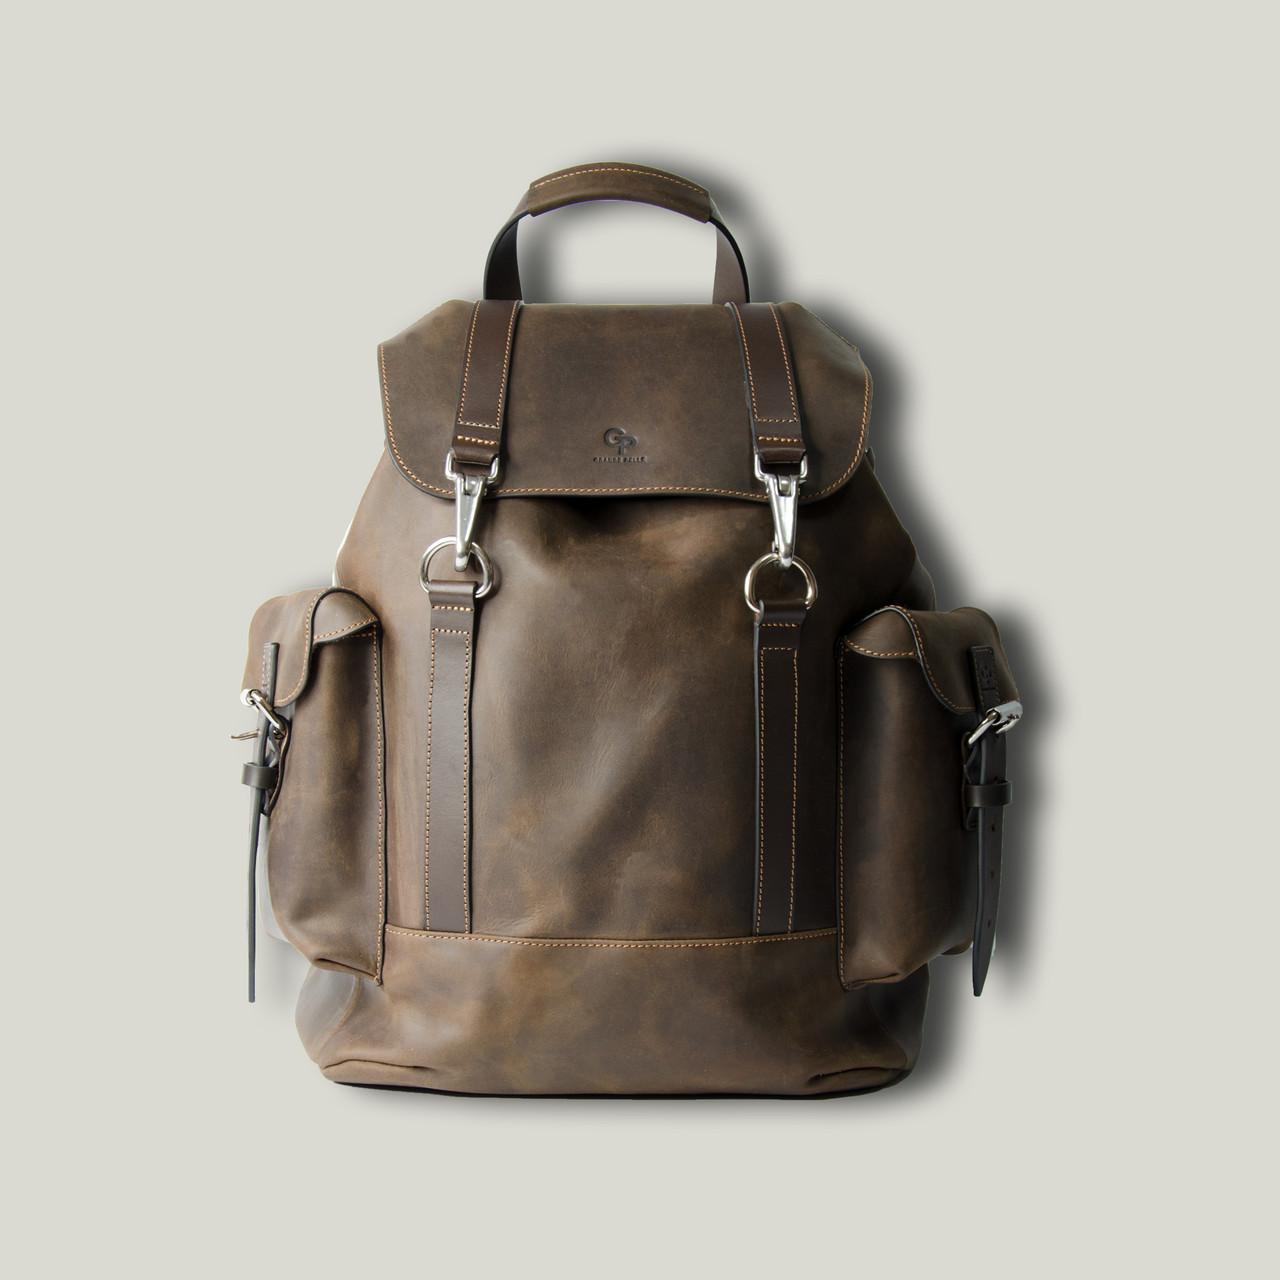 Рюкзак кожаный  Viaggio, коричневый матовый